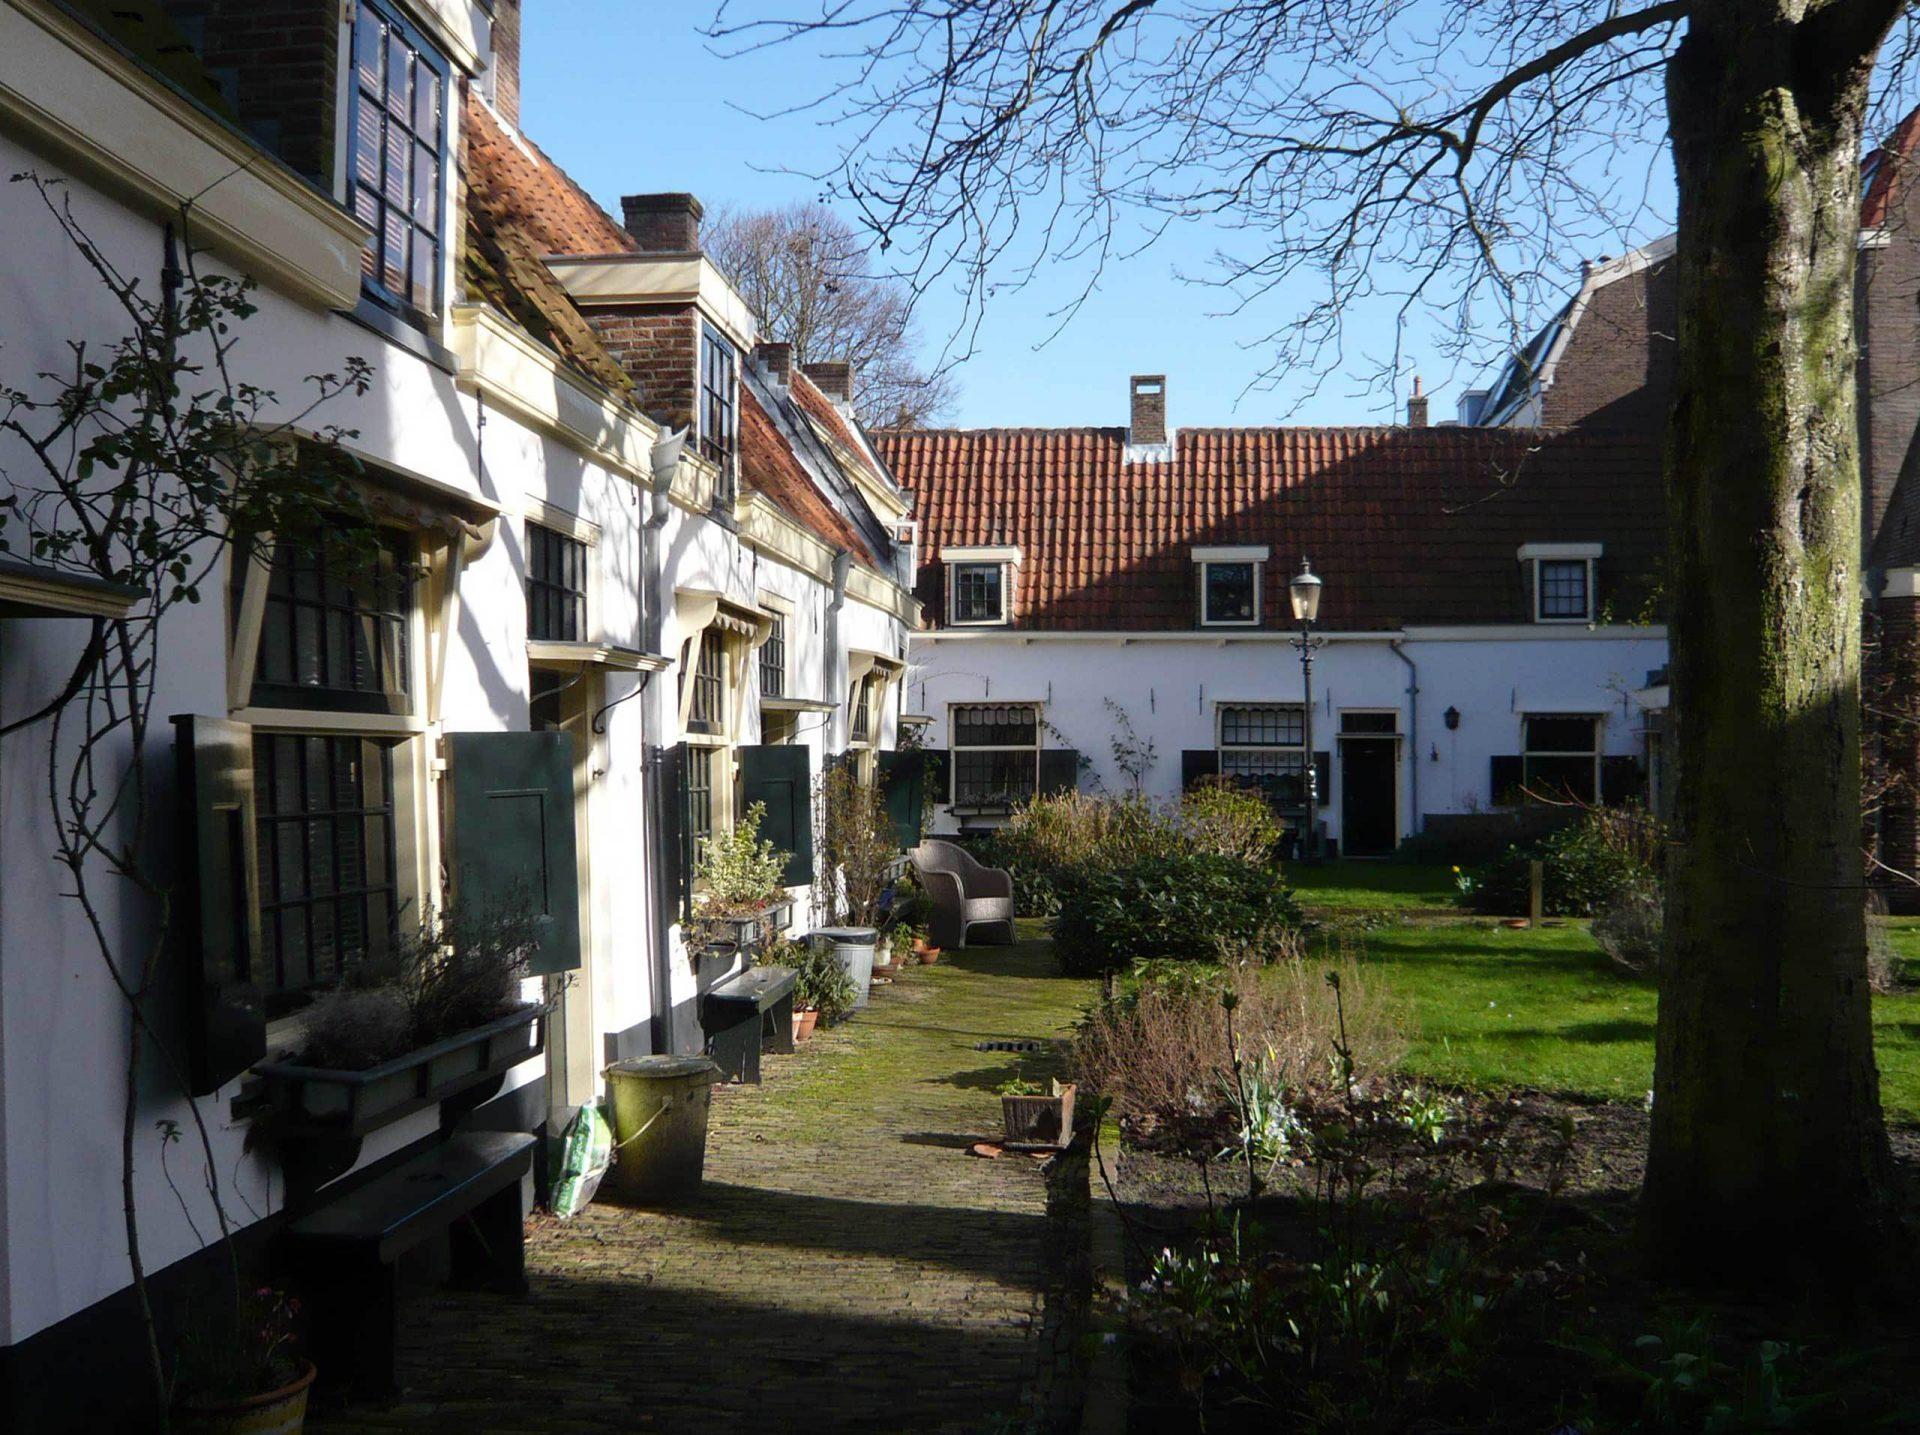 Kruishoutem Old Buildings